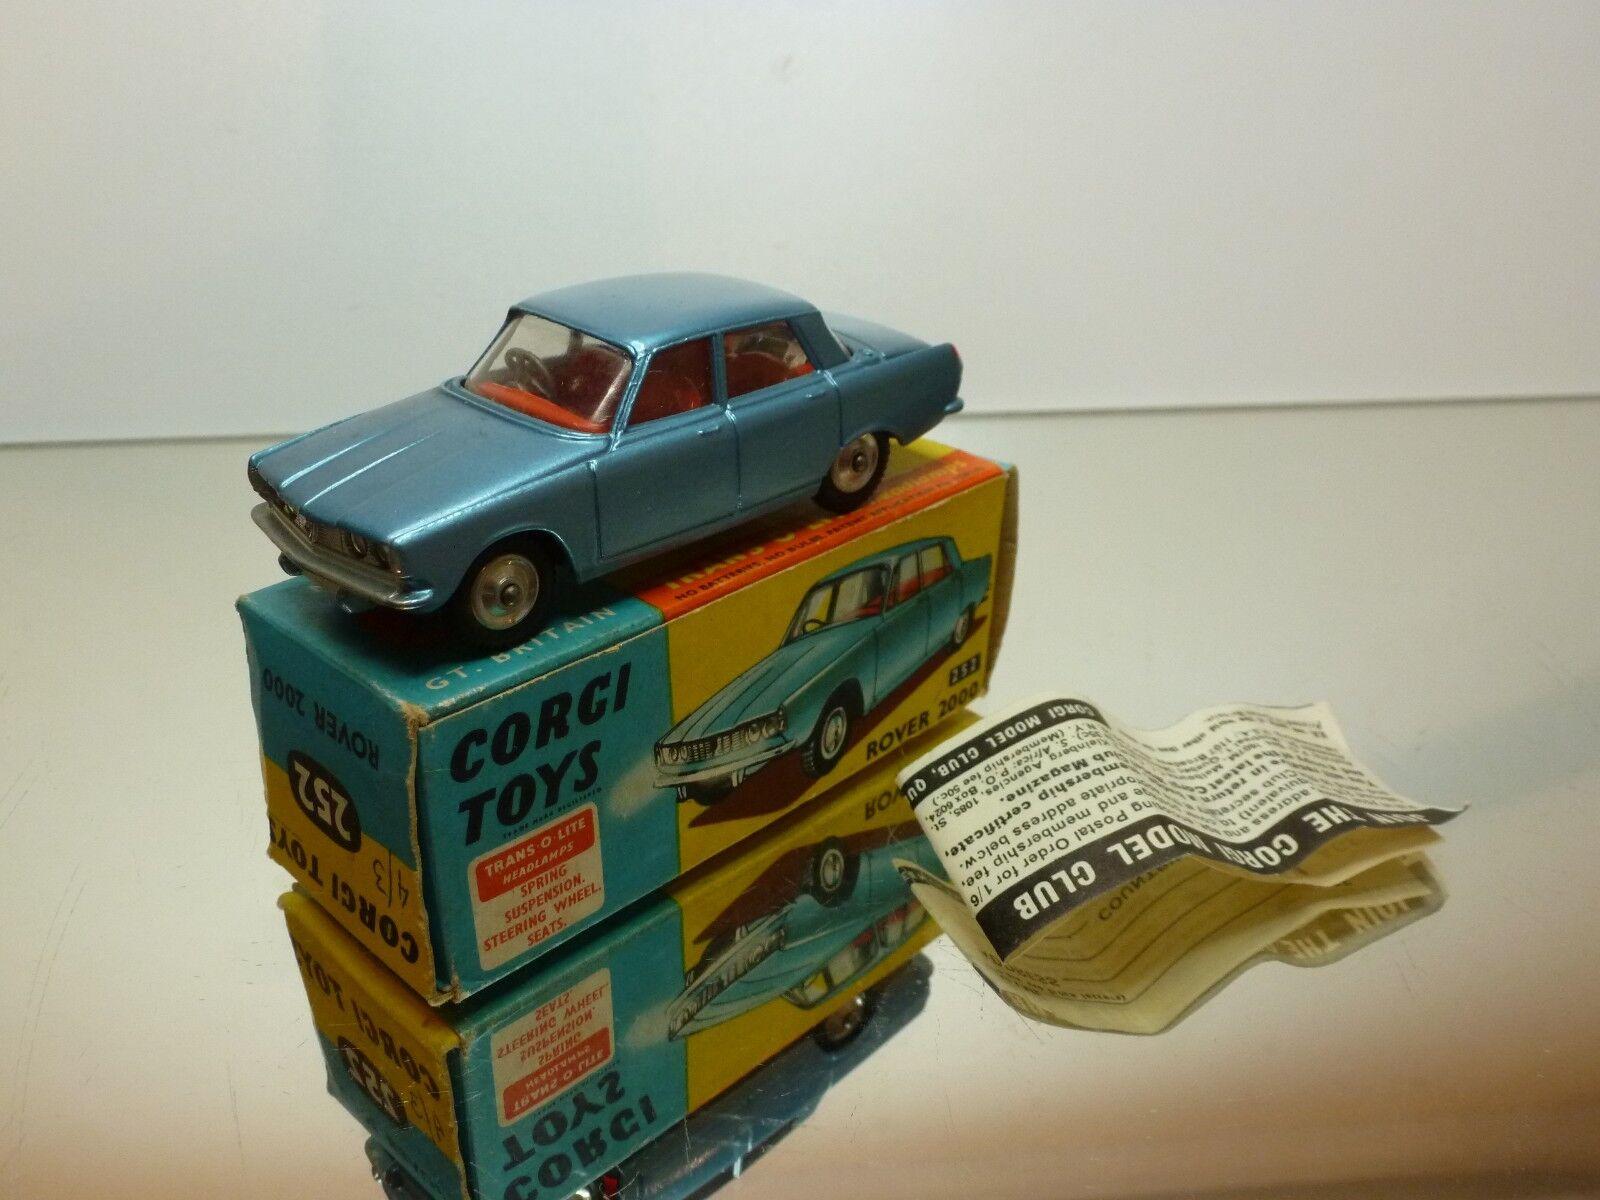 CORGI TOYS 252  ROVER 2000 - bleu METALLIC 1 43 - EXCELLENT IN BOX  le style classique